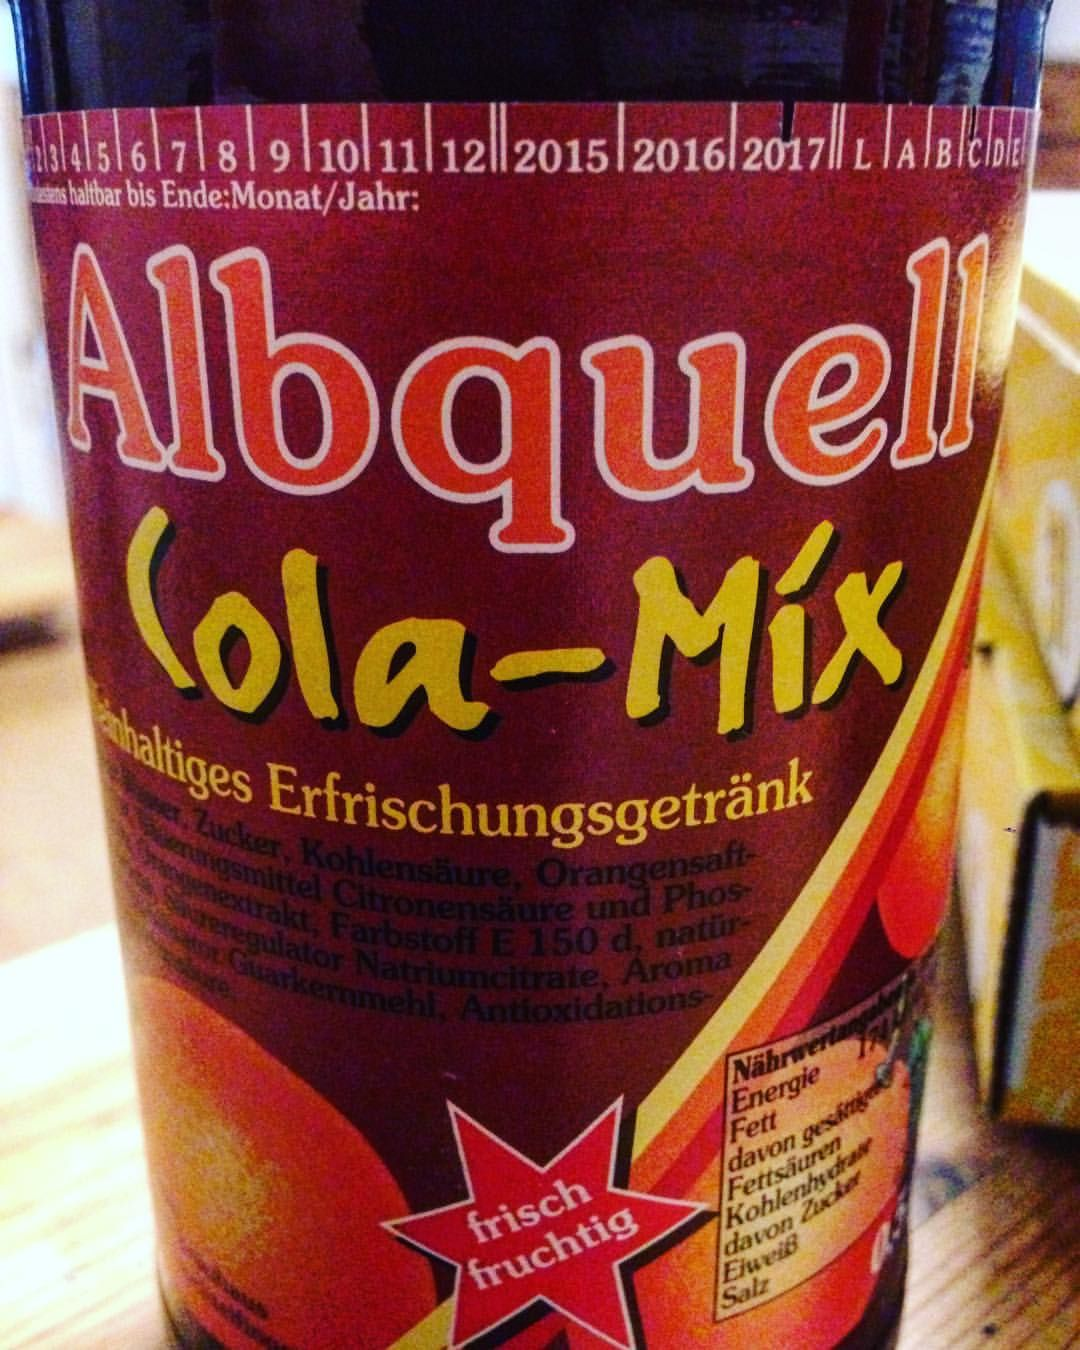 #albquell #albquellbräuhaus #colamix #spezigram #spezi